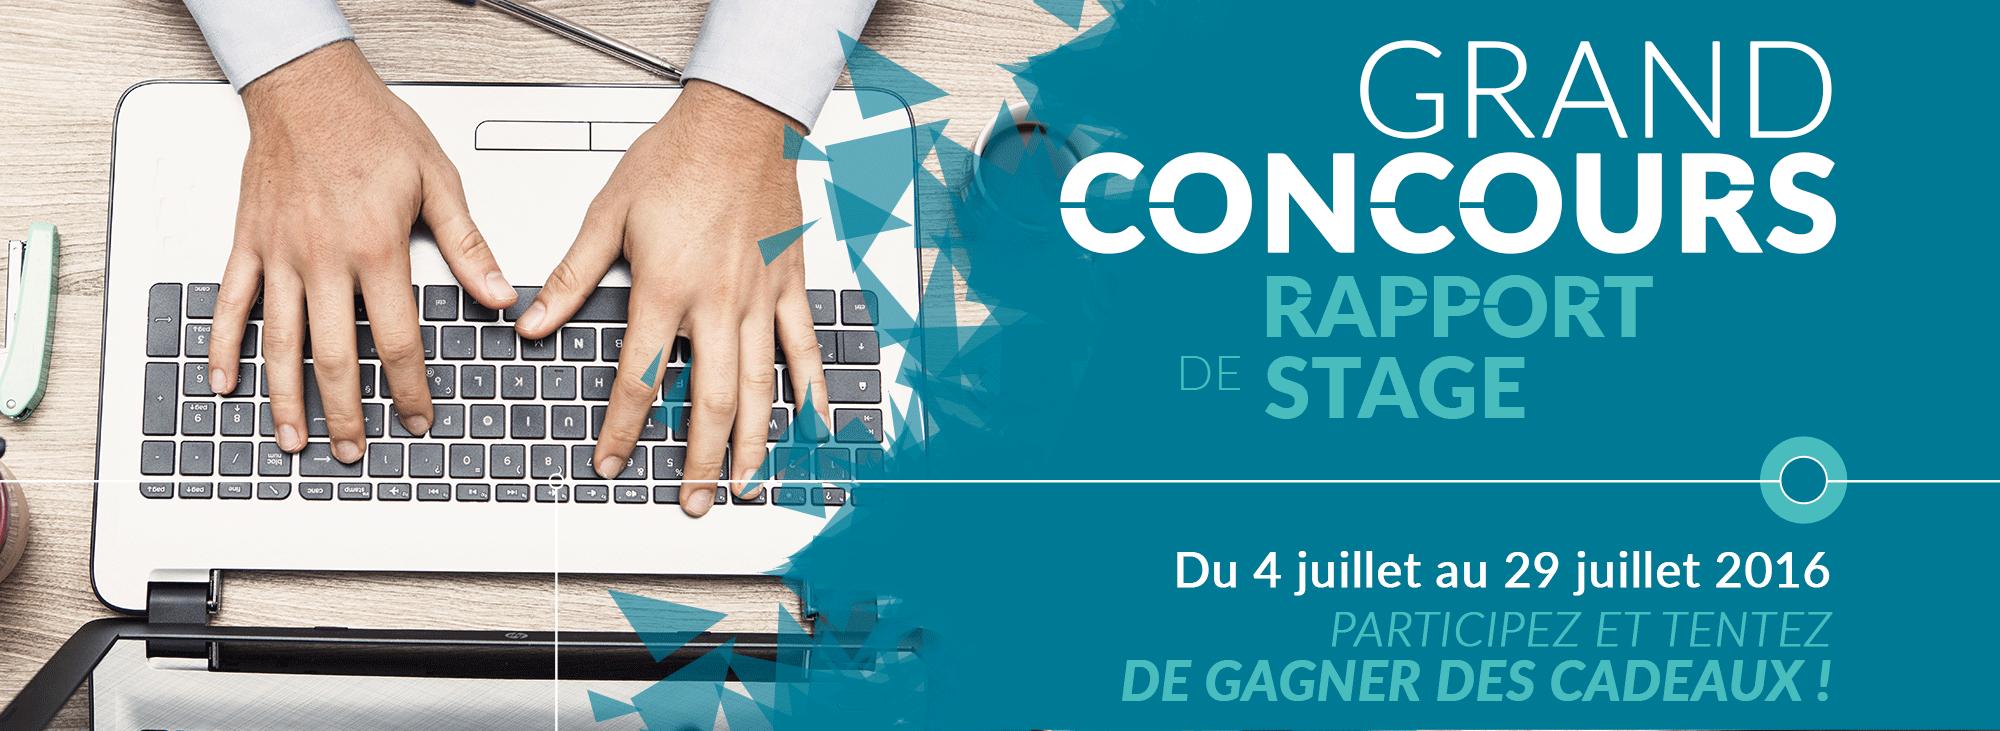 Rapport De Stage Orange Concours Rapport De Stage Marketing